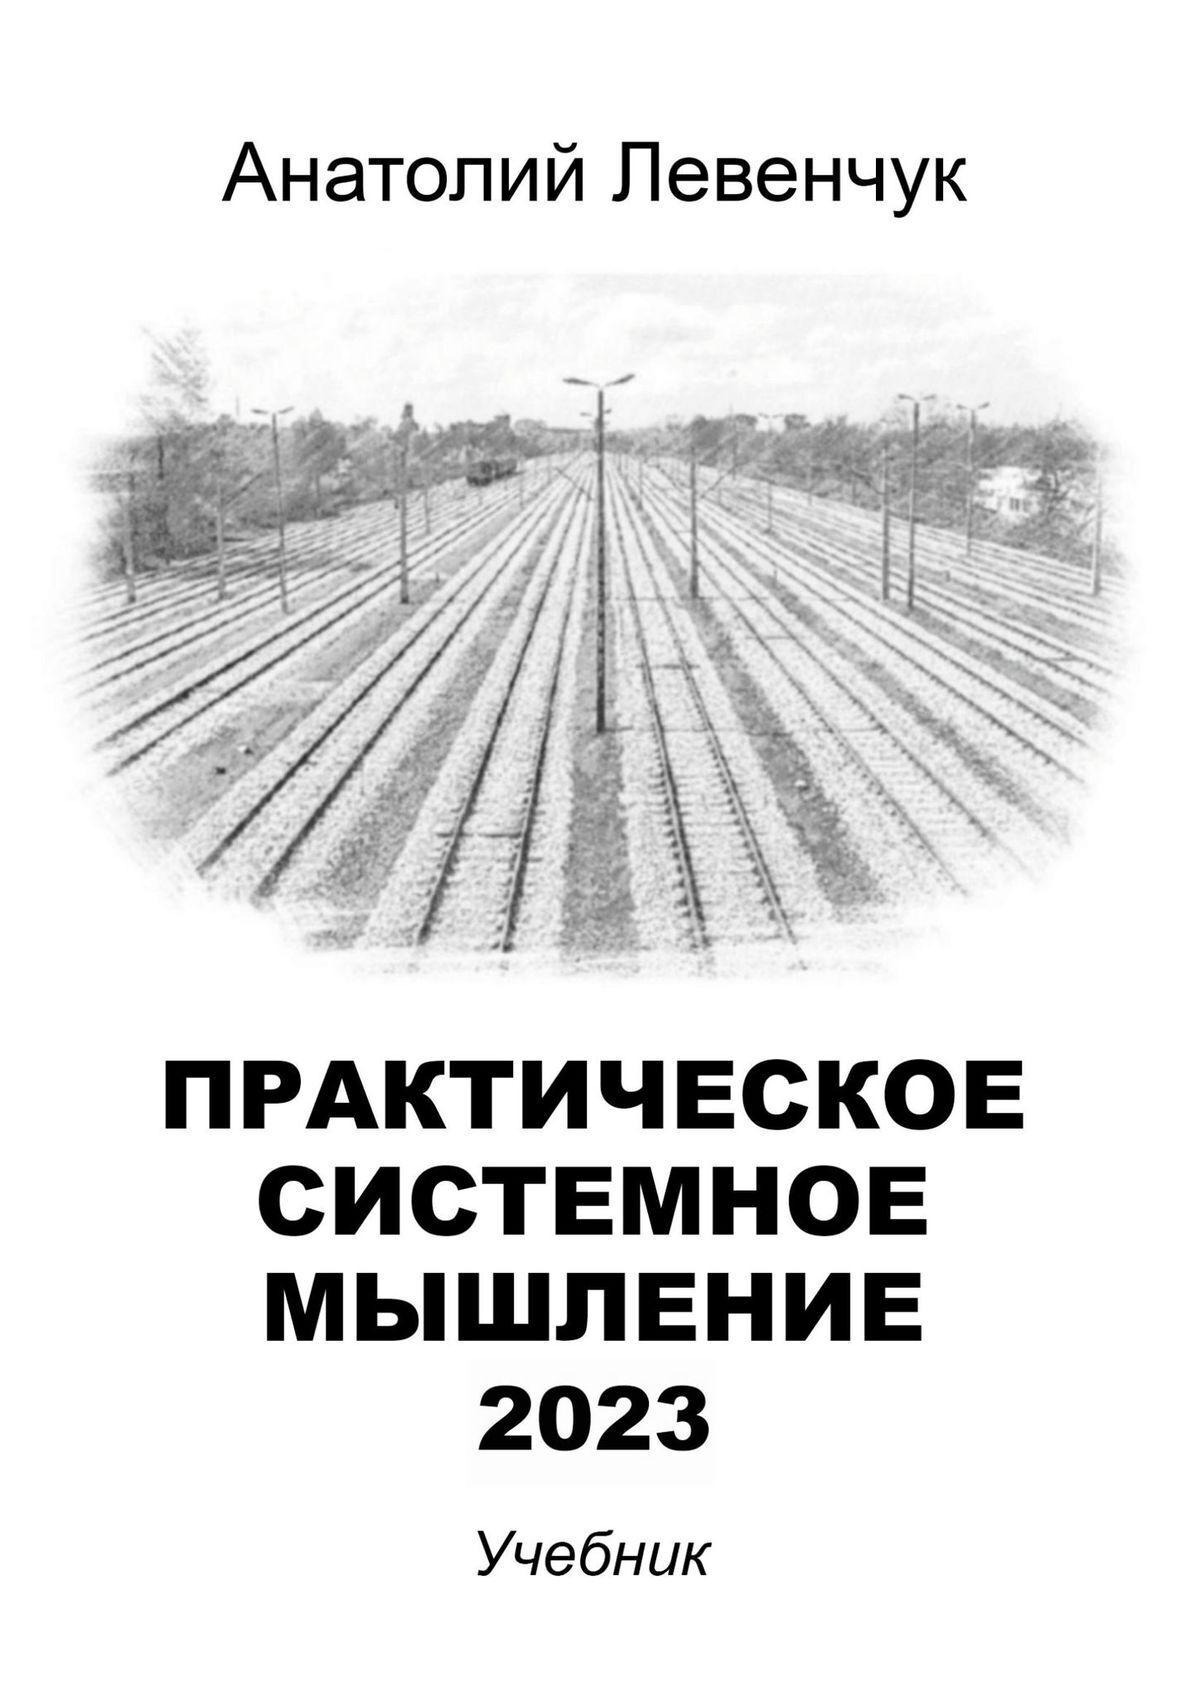 Анатолий Левенчук Системное мышление 2019 анатолий левенчук визуальное мышление доклад о том почему им нельзя обольщаться